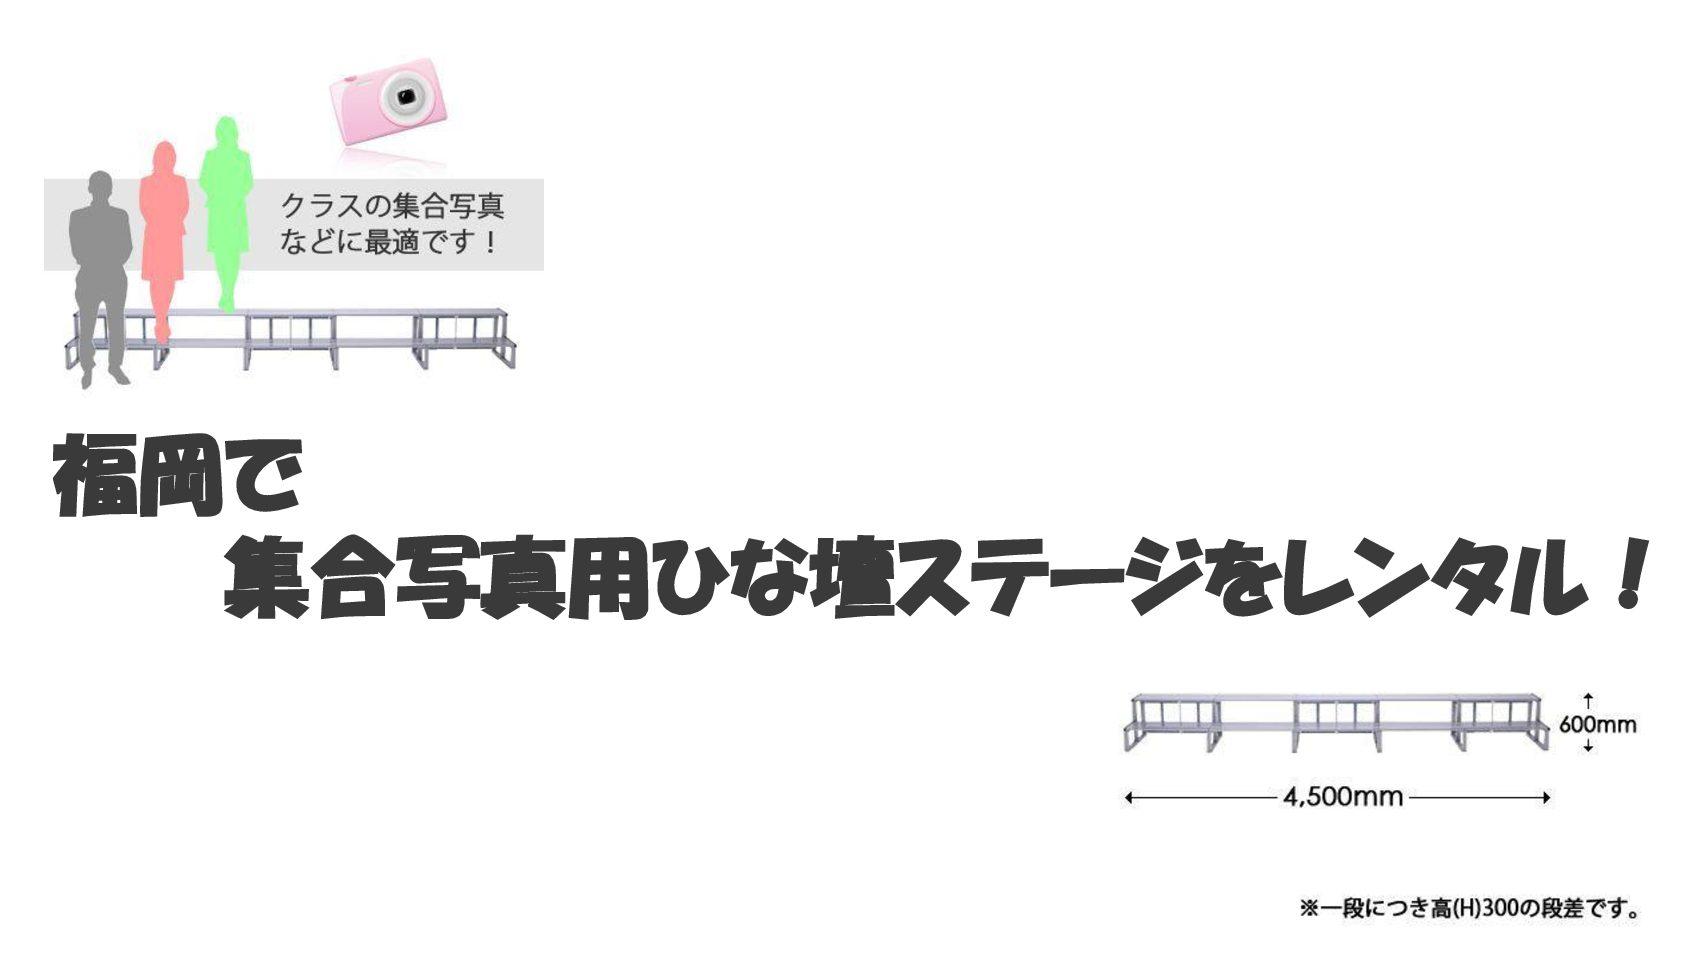 集合写真用ひな壇ステージを福岡でレンタル!